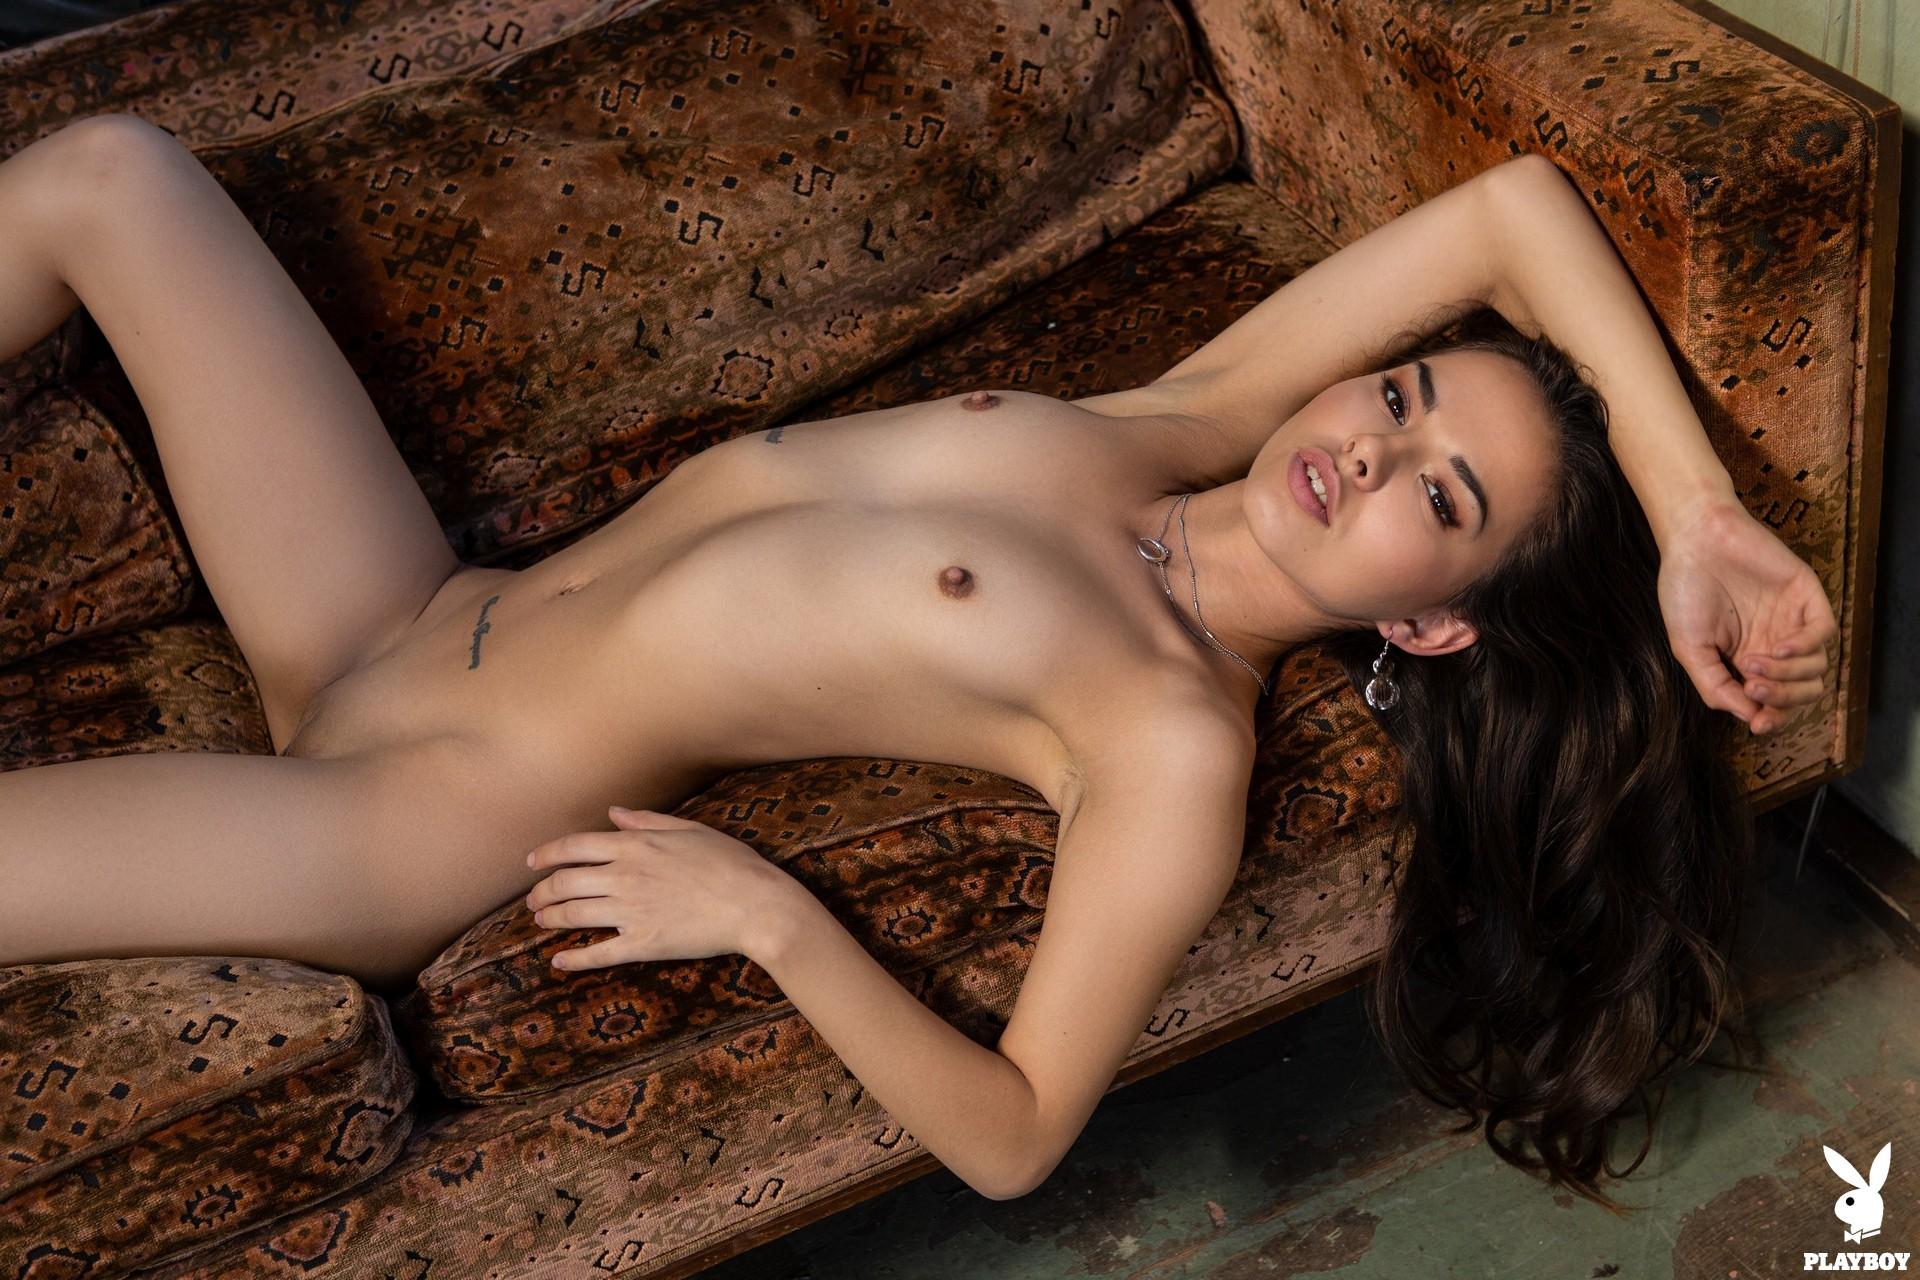 Dominique Gabrielle in Rustic Seduction - Playboy Plus 29